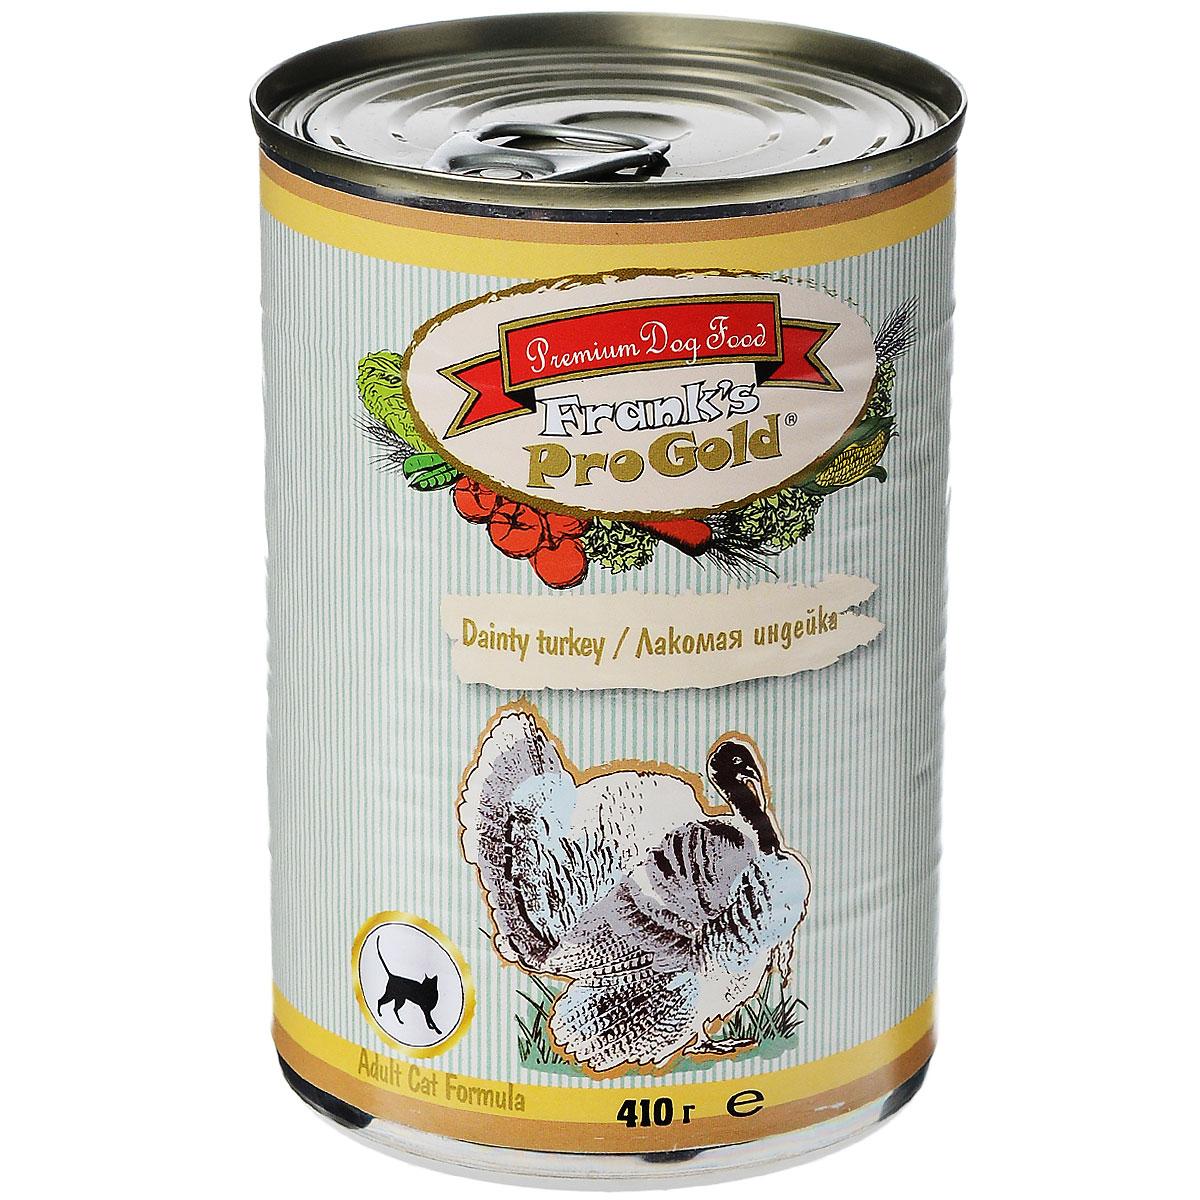 Консервы для кошек Franks ProGold, с индейкой, 410 г24715Консервы для кошек Franks ProGold - полнорационный продукт, содержащий все необходимые витамины и минералы, сбалансированный для поддержания оптимального здоровья вашего питомца! Ваш любимец, безусловно, оценит нежнейшие кусочки мяса в желе! Произведенные из натуральных ингредиентов, консервы Franks Pro Gold не содержат ГМО, сою, искусственных красителей, консервантов и усилителей вкуса. Состав: мясо курицы, индейка, мясо и его производные, злаки, витамины и минералы. Пищевая ценность: влажность 81%,белки 6,5%, жиры 4,5%, зола 2%, клетчатка 0,5%. Добавки: витамин A 1600 IU, витамин D 140 IU, витамин E 10 IU, таурин 300 мг/кг, железо E1 24 мг/кг, марганец E5 6 мг/кг, цинк E6 15 мг/кг, йодин E2 0,3 мг/кг. Калорийность: 393,6 ккал. Товар сертифицирован.